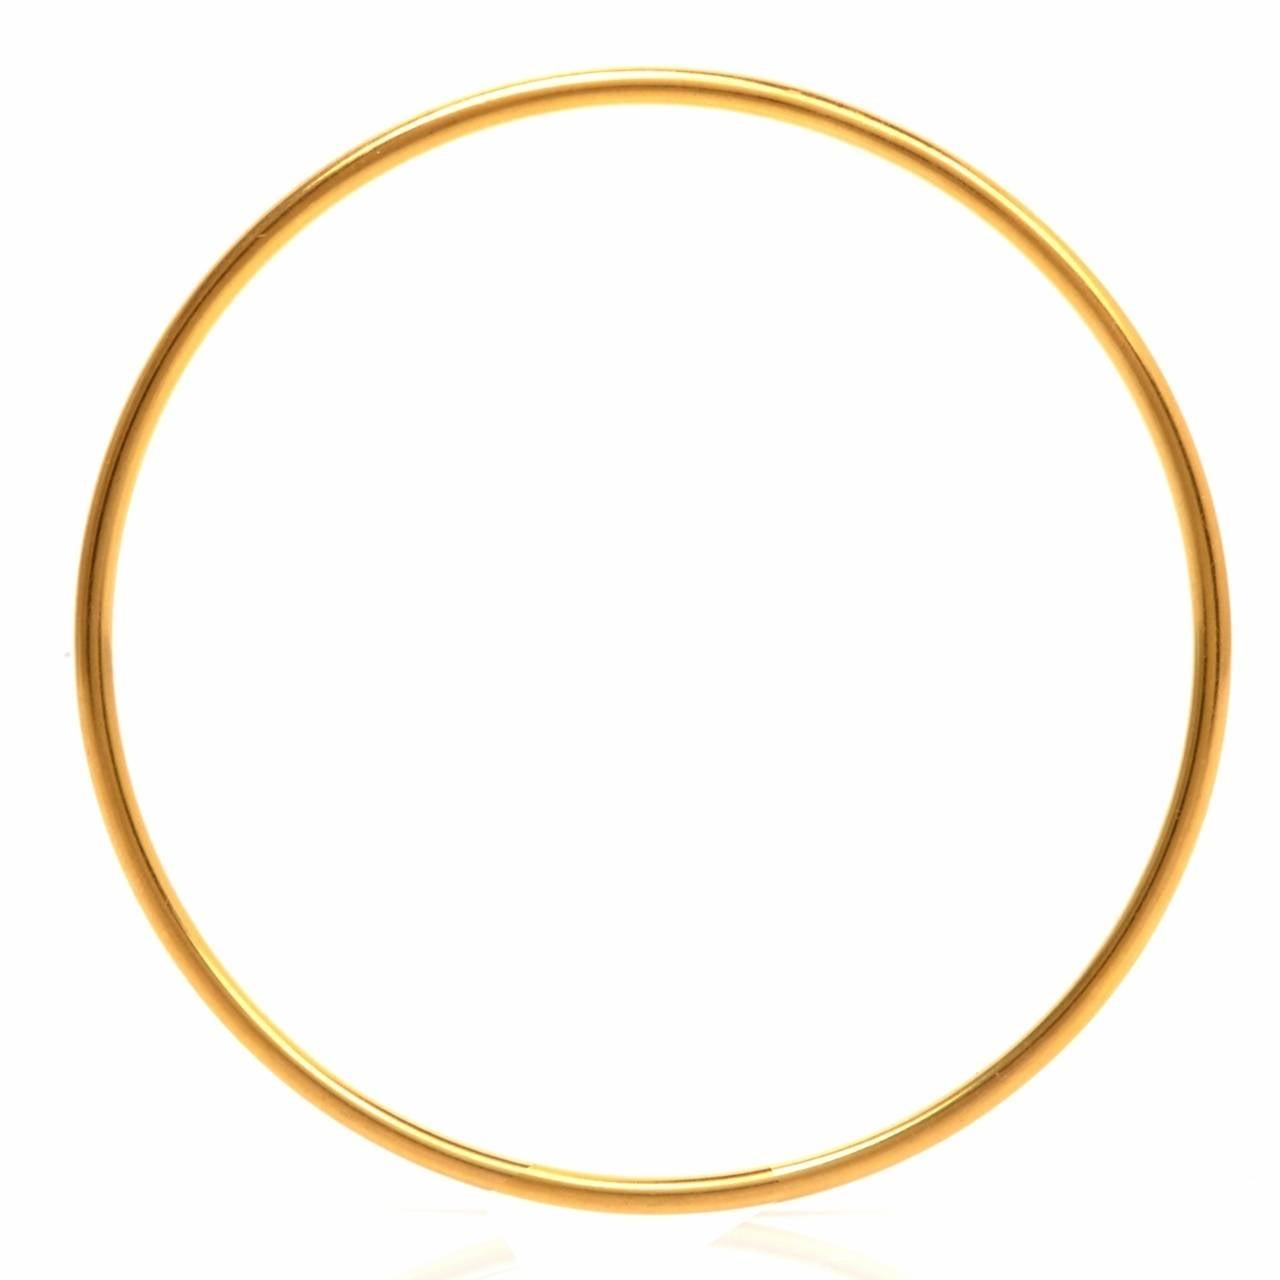 Stackable Gold Bangle Bracelets Set of 12 4